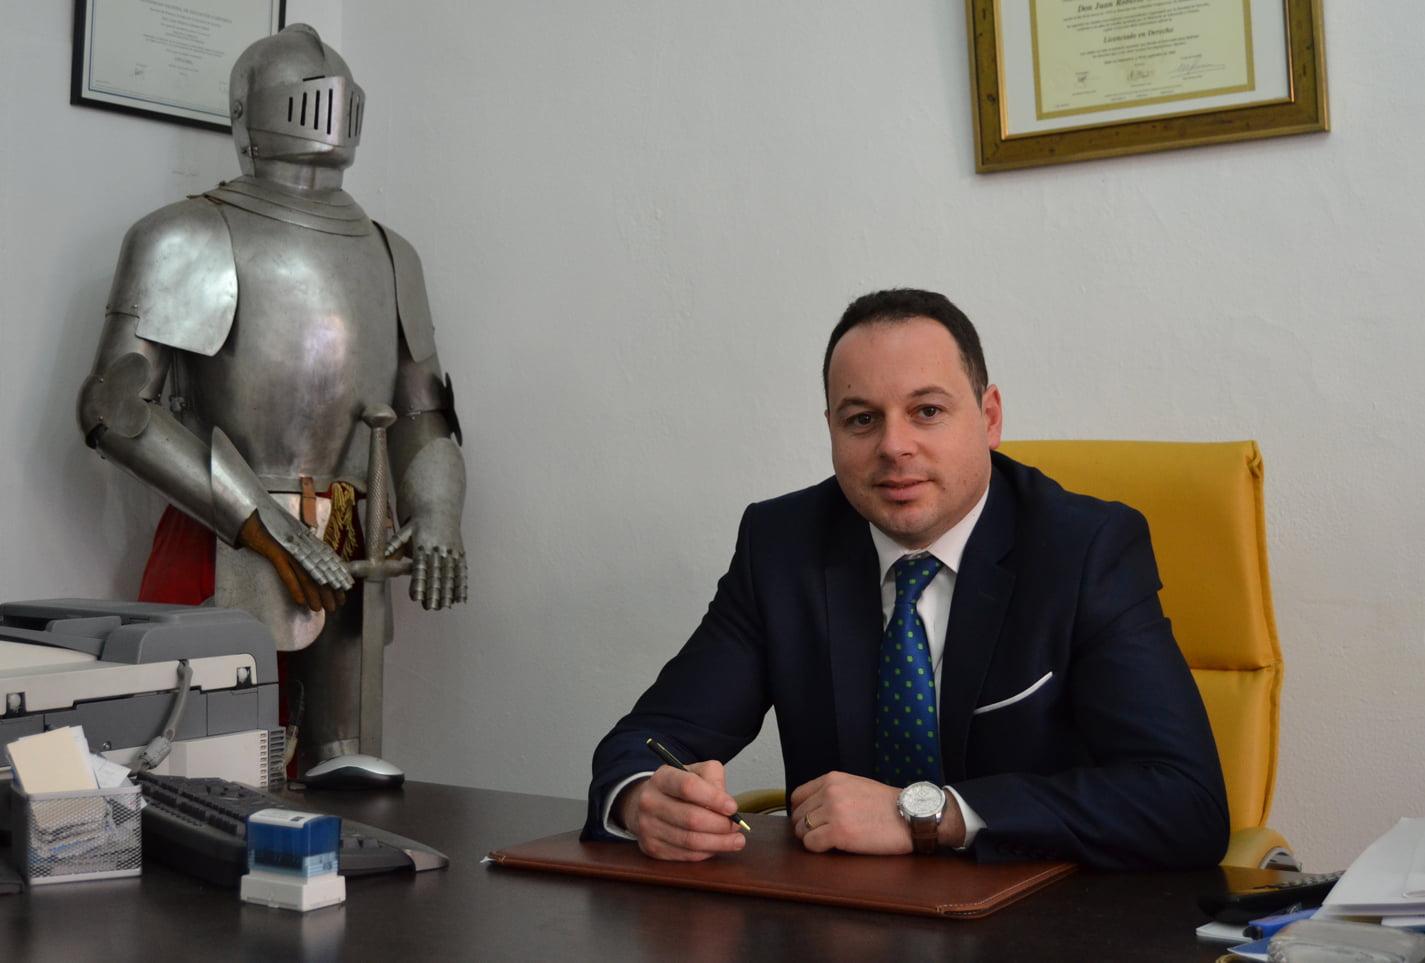 abogado lexdir - diario juridico